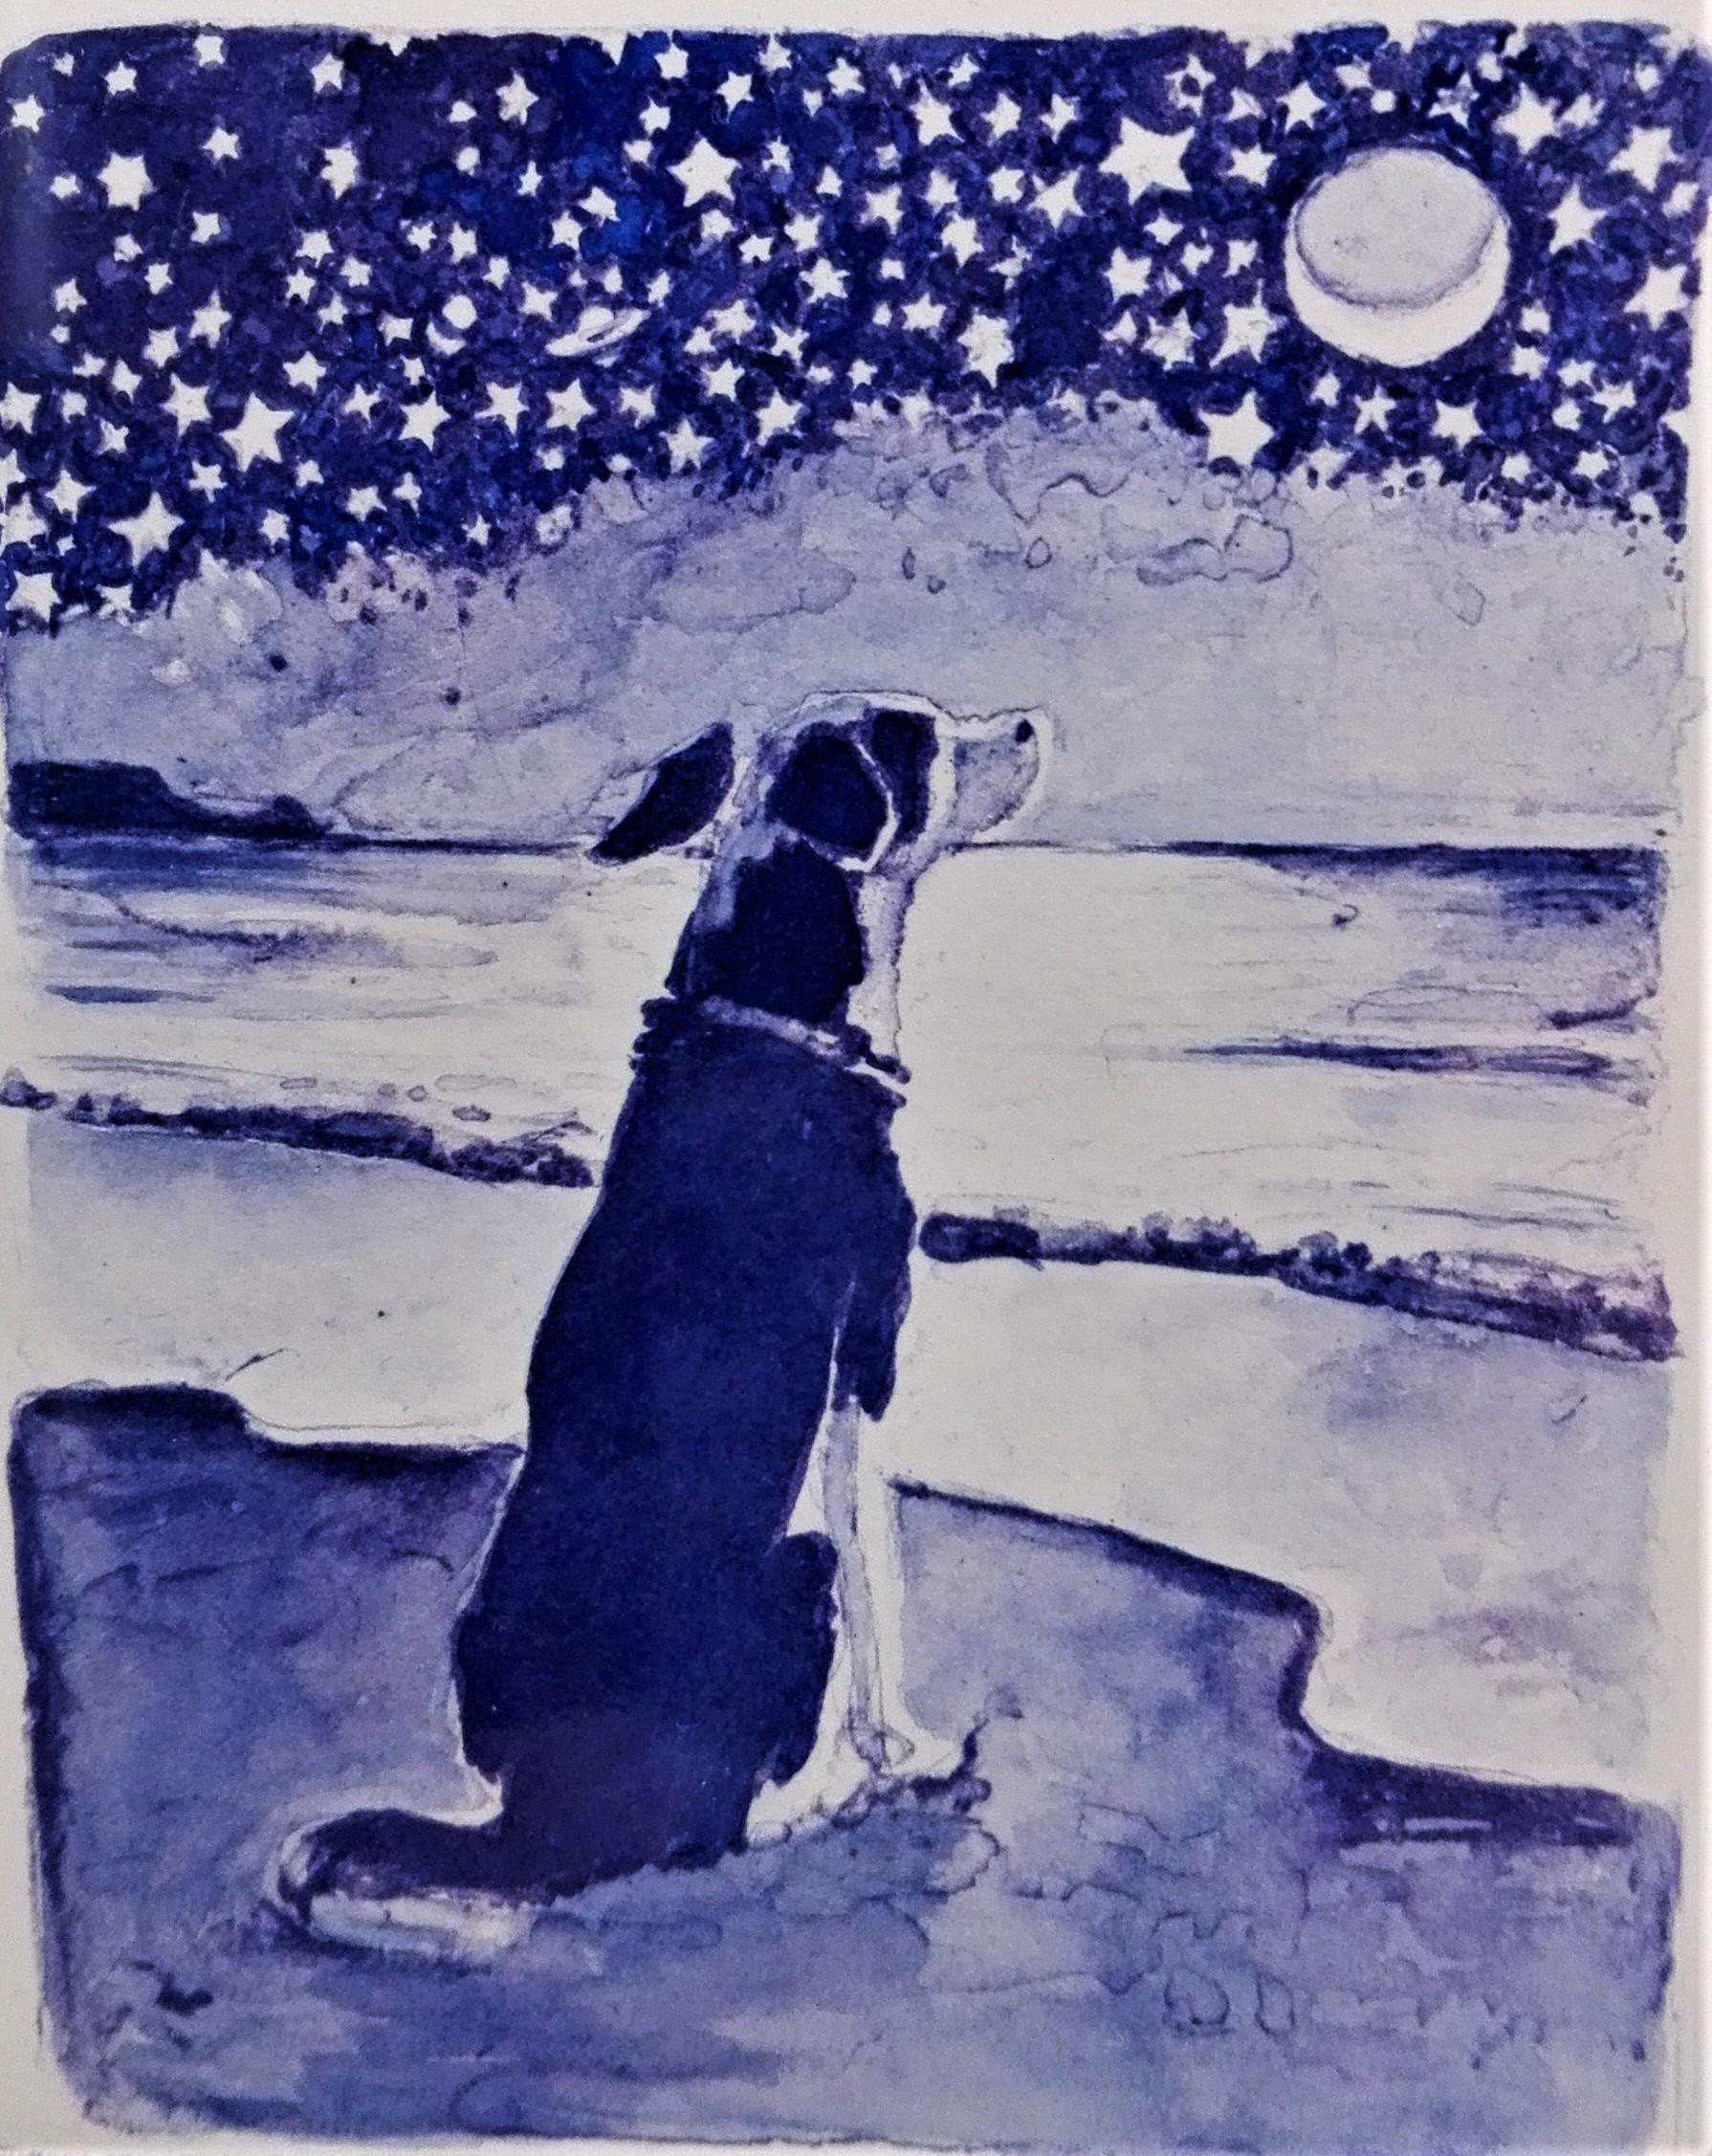 Moonlit Dog